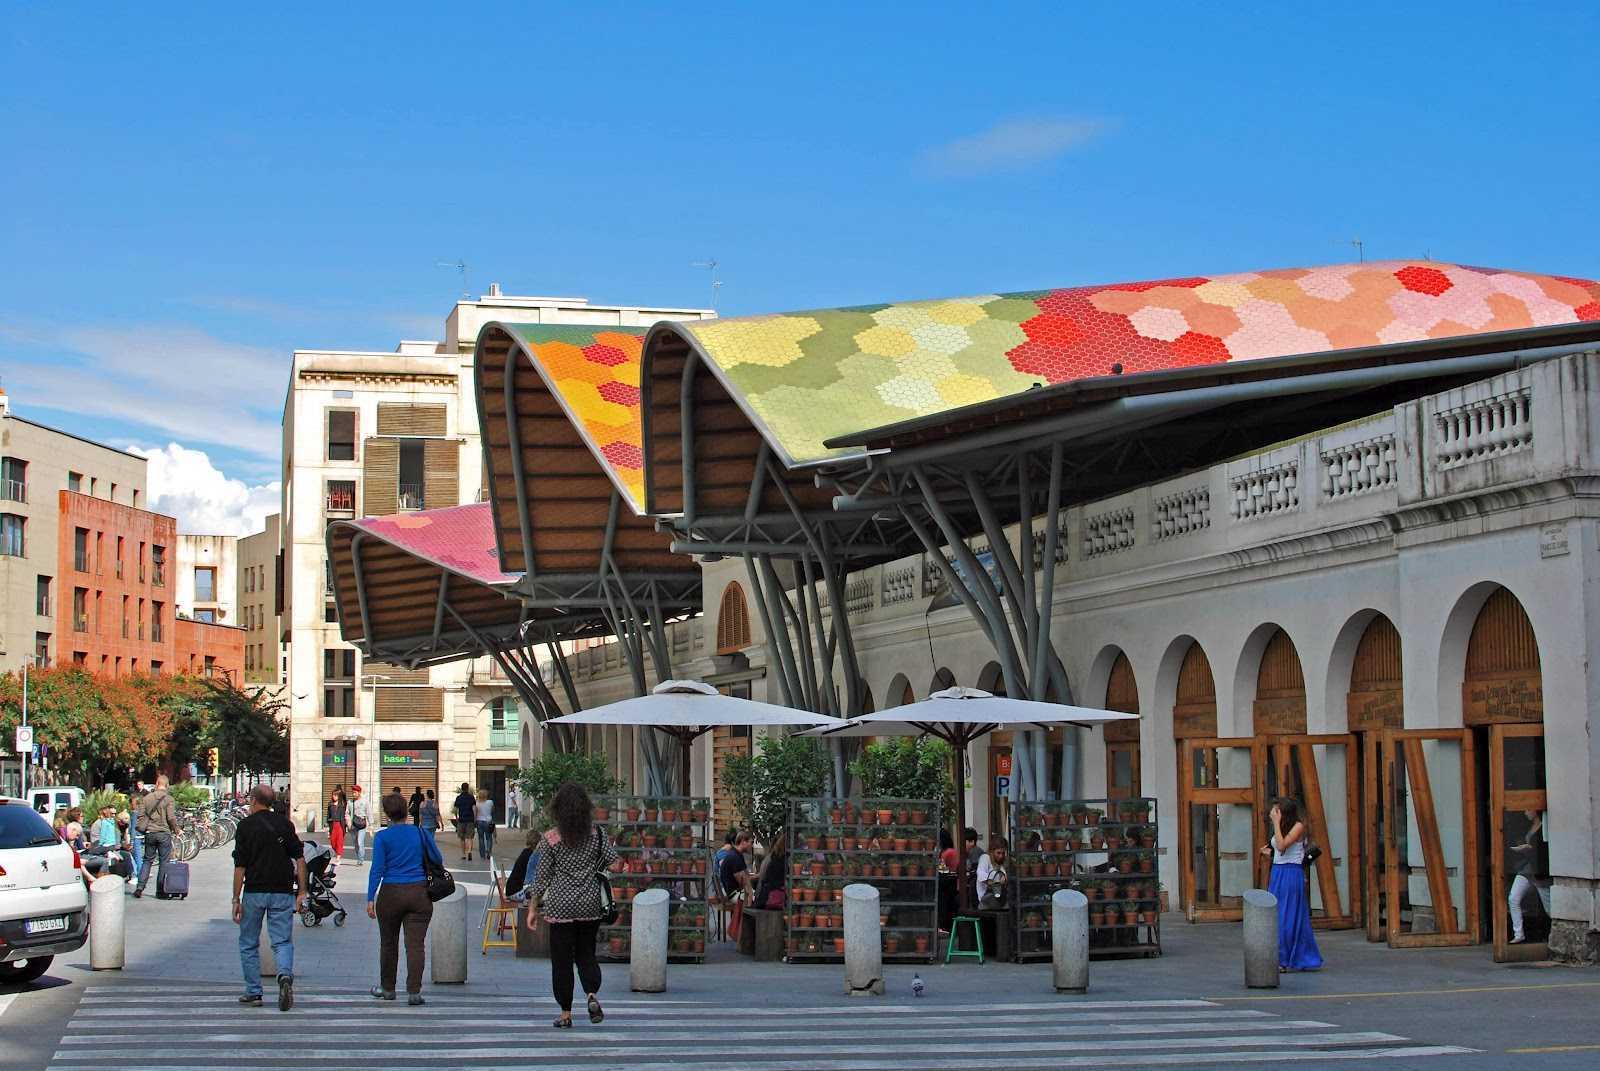 Le marché de Santa Caterina © http://haveblogwilltravel2012.blogspot.com.es